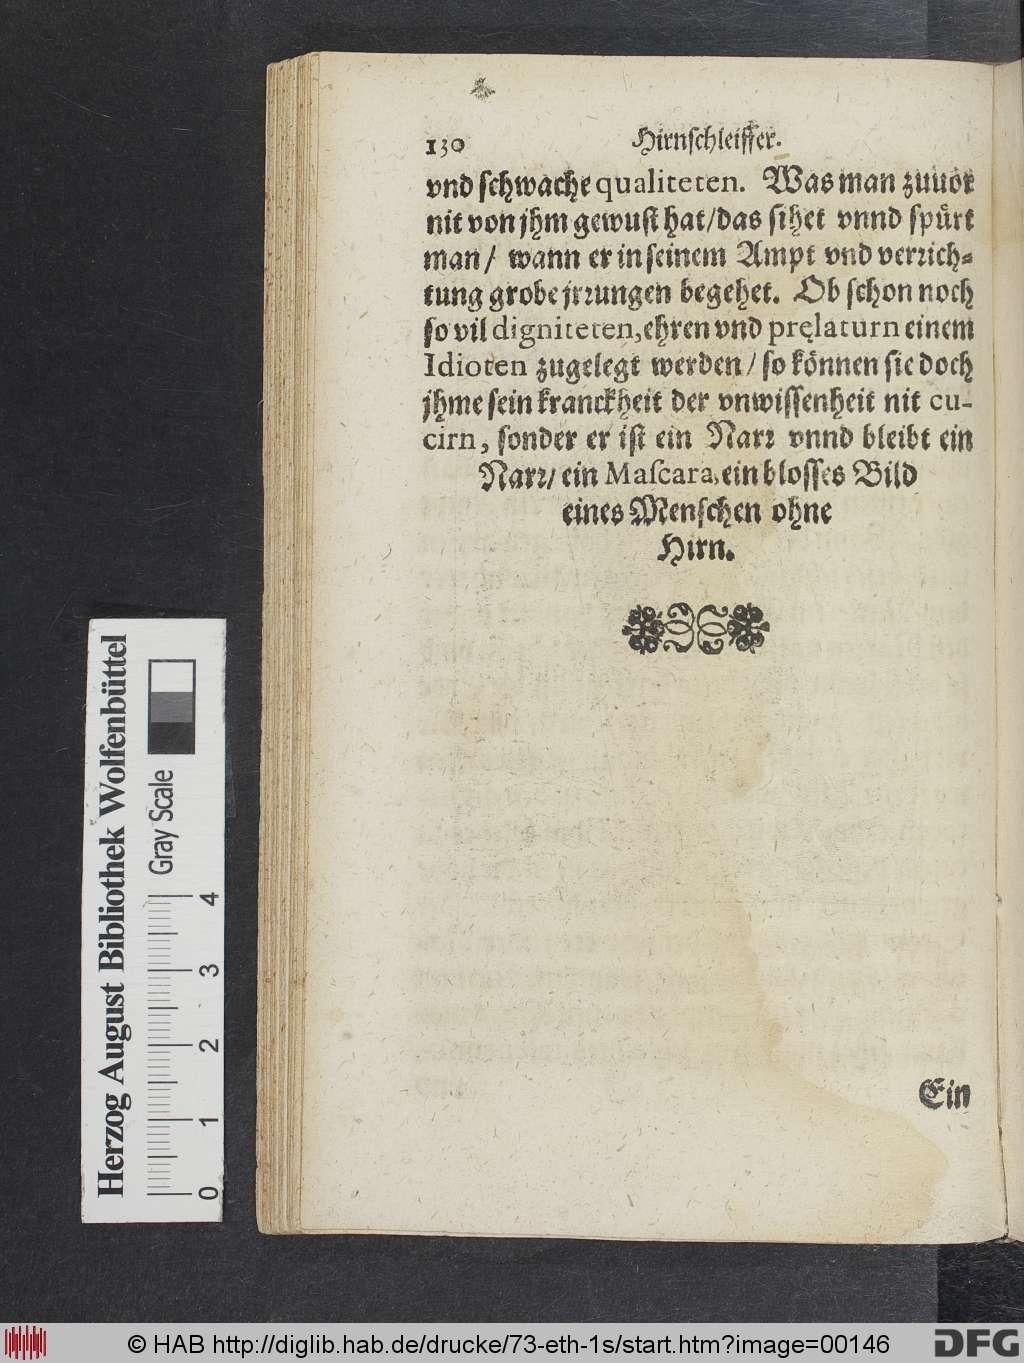 http://diglib.hab.de/drucke/73-eth-1s/00146.jpg